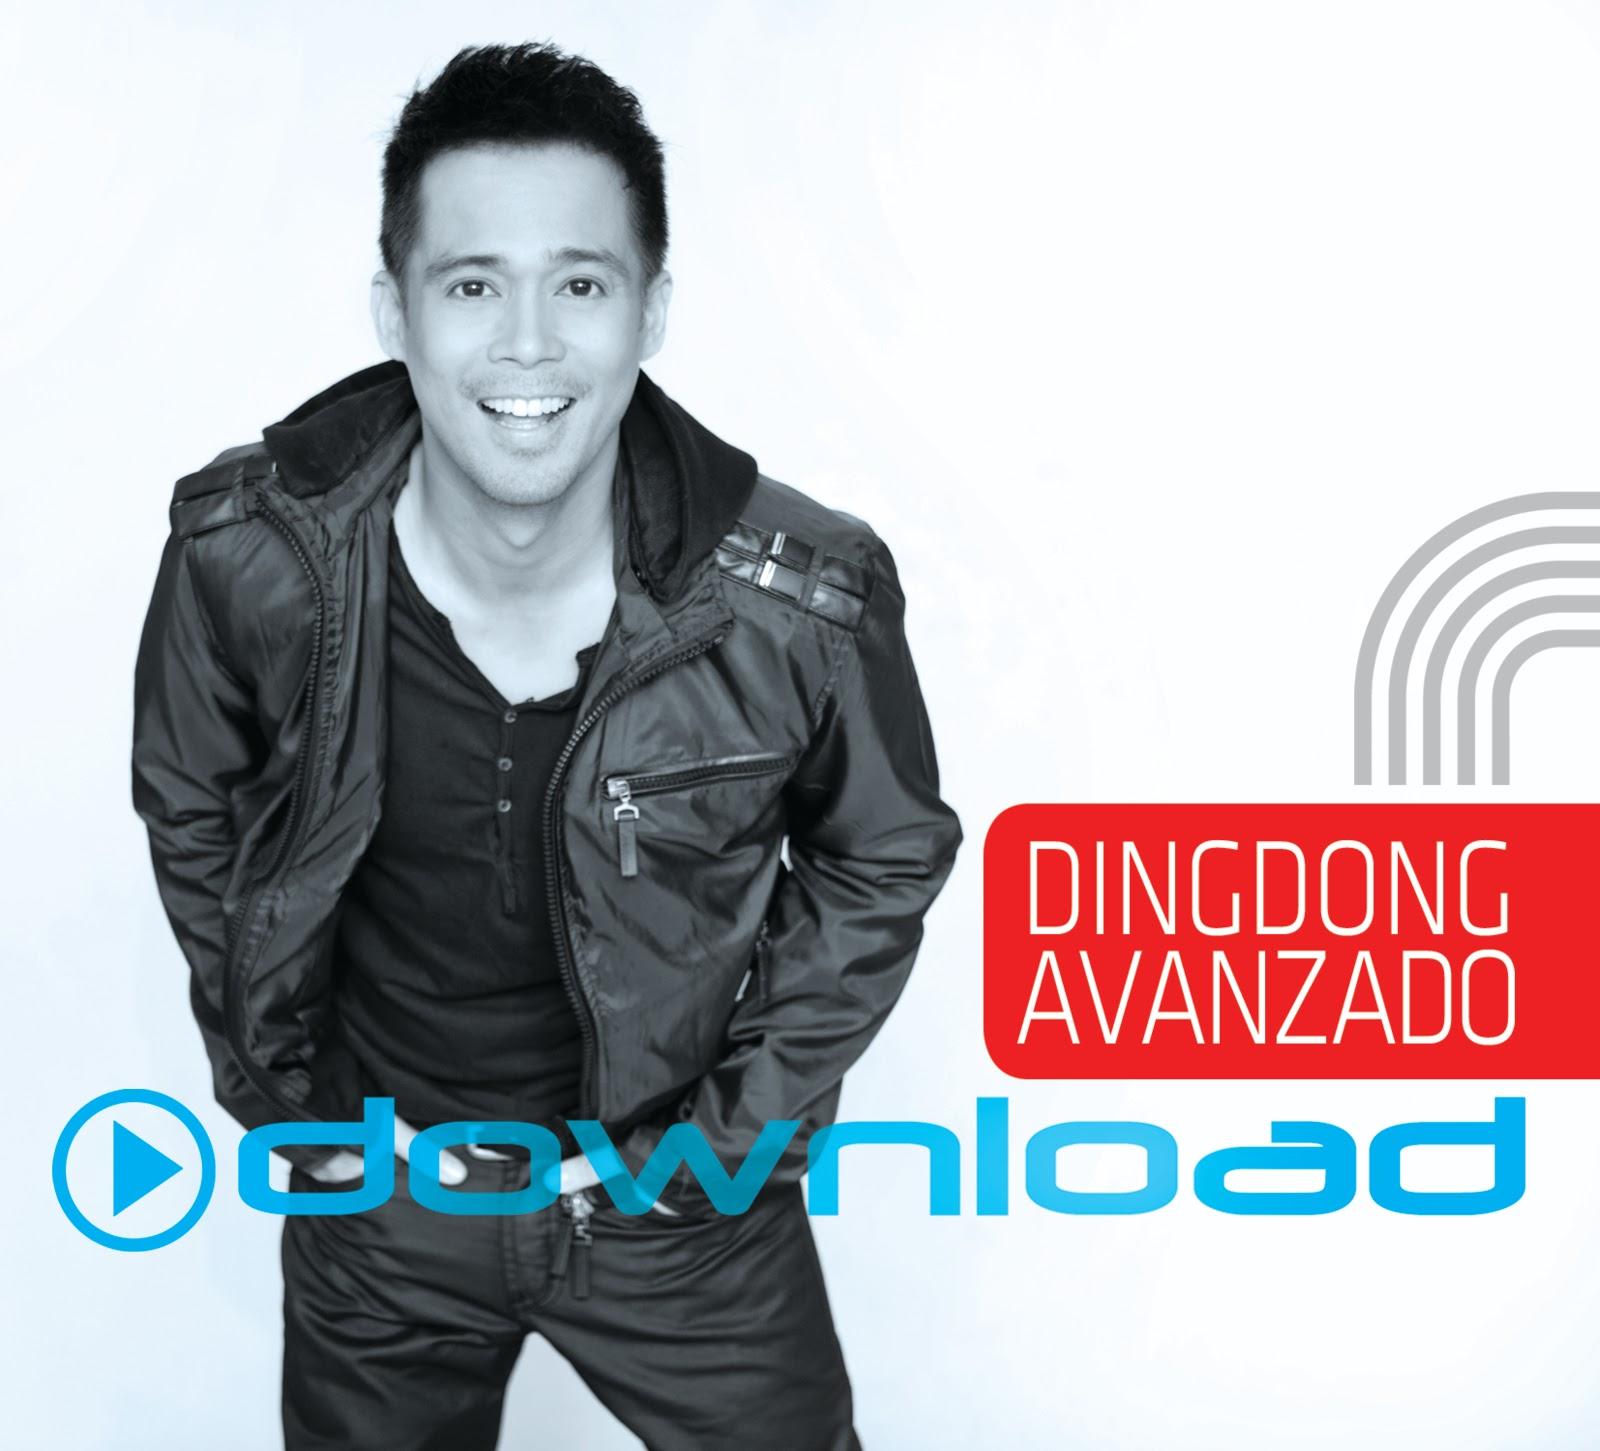 Dingdong avanzado wife sexual dysfunction